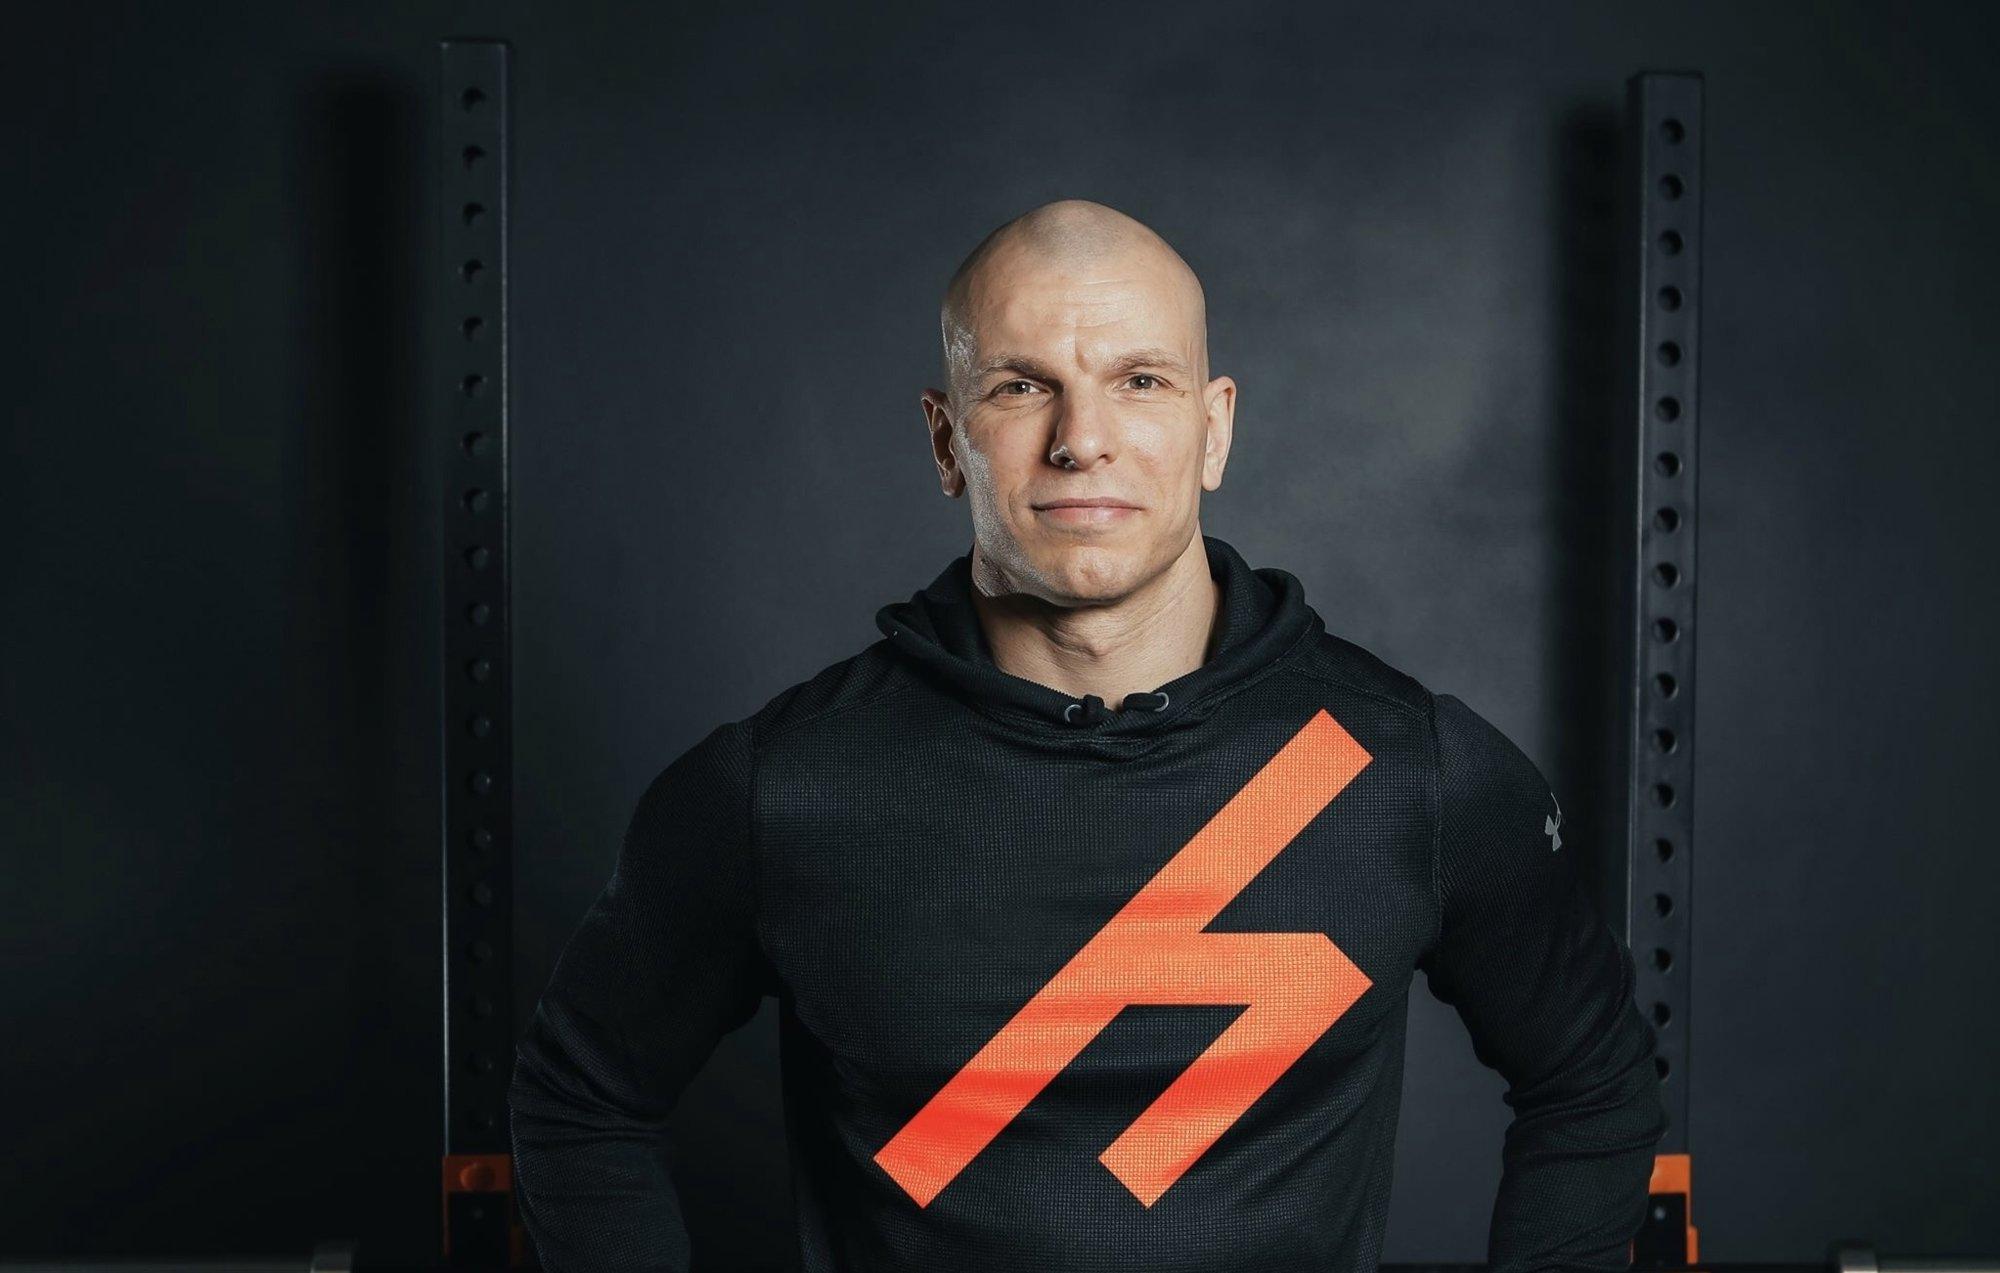 Співзасновник hiitworks Ярослав Сойніков про роботу на карантині, конкуренцію в онлайні та майбутнє фітнесу